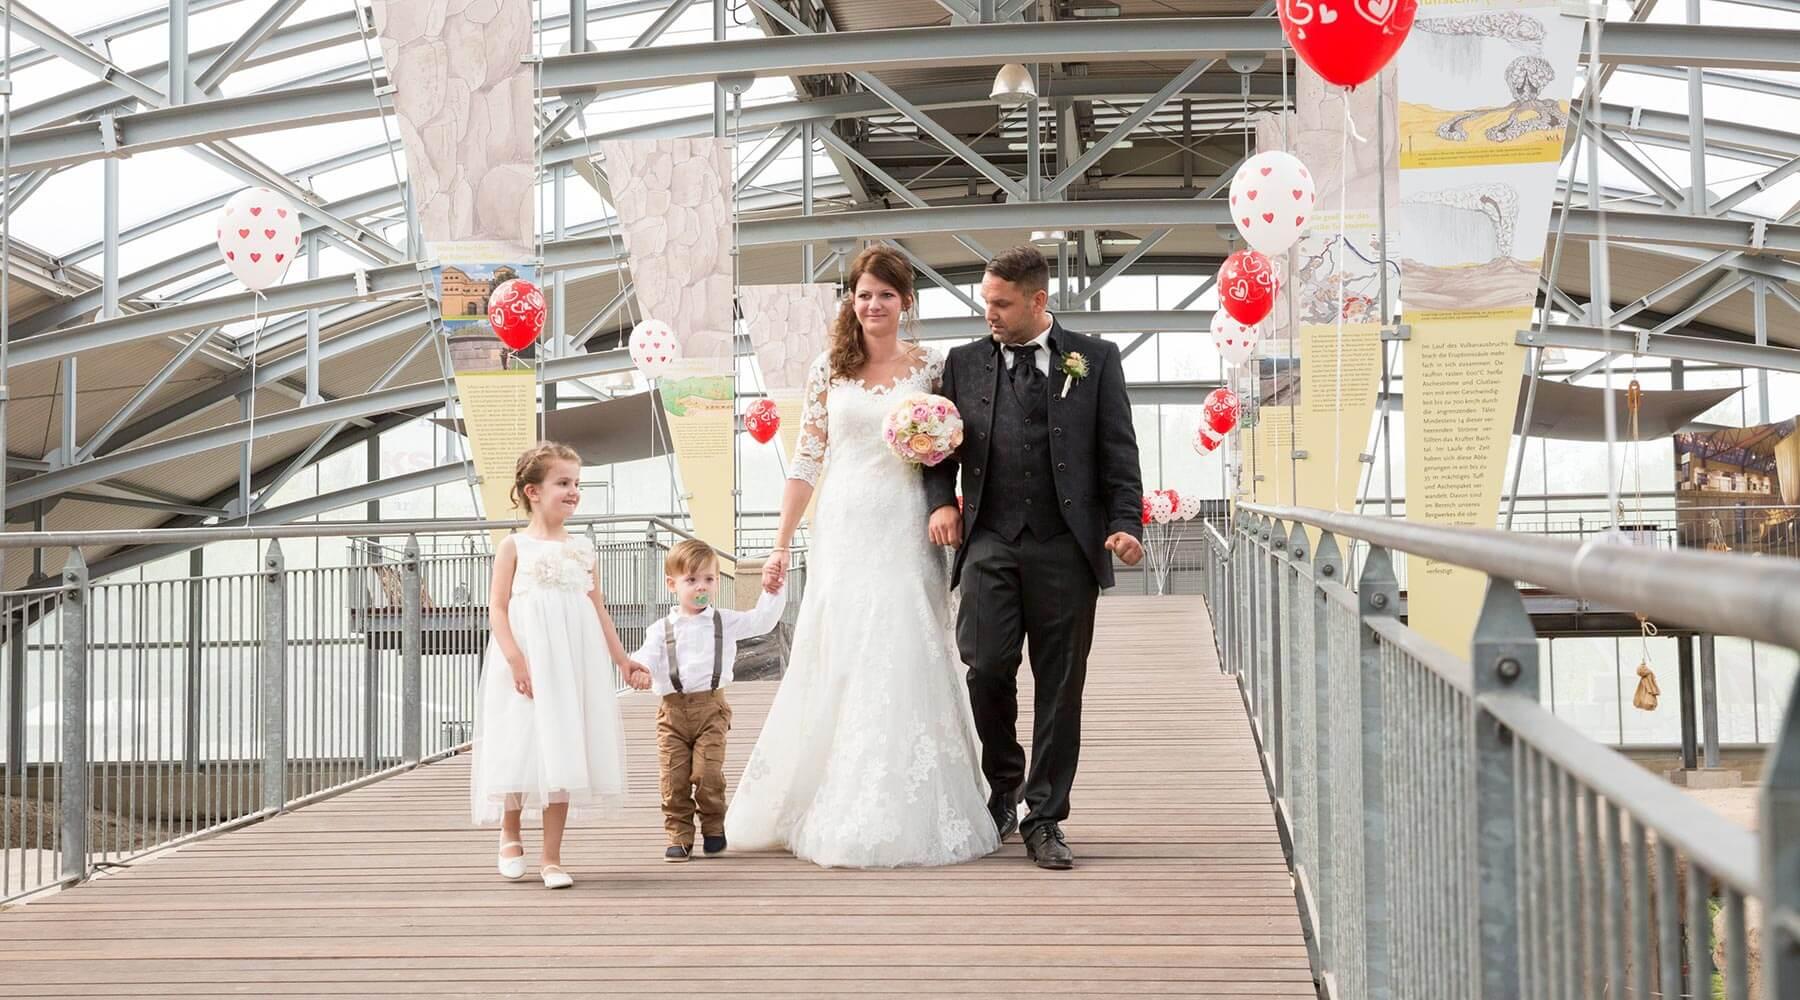 Vulkanpark, Römerbergwerk Meurin. Ein Brautpaar zieht zusammen mir ihren Kinder über den breiten Holzsteg ein.